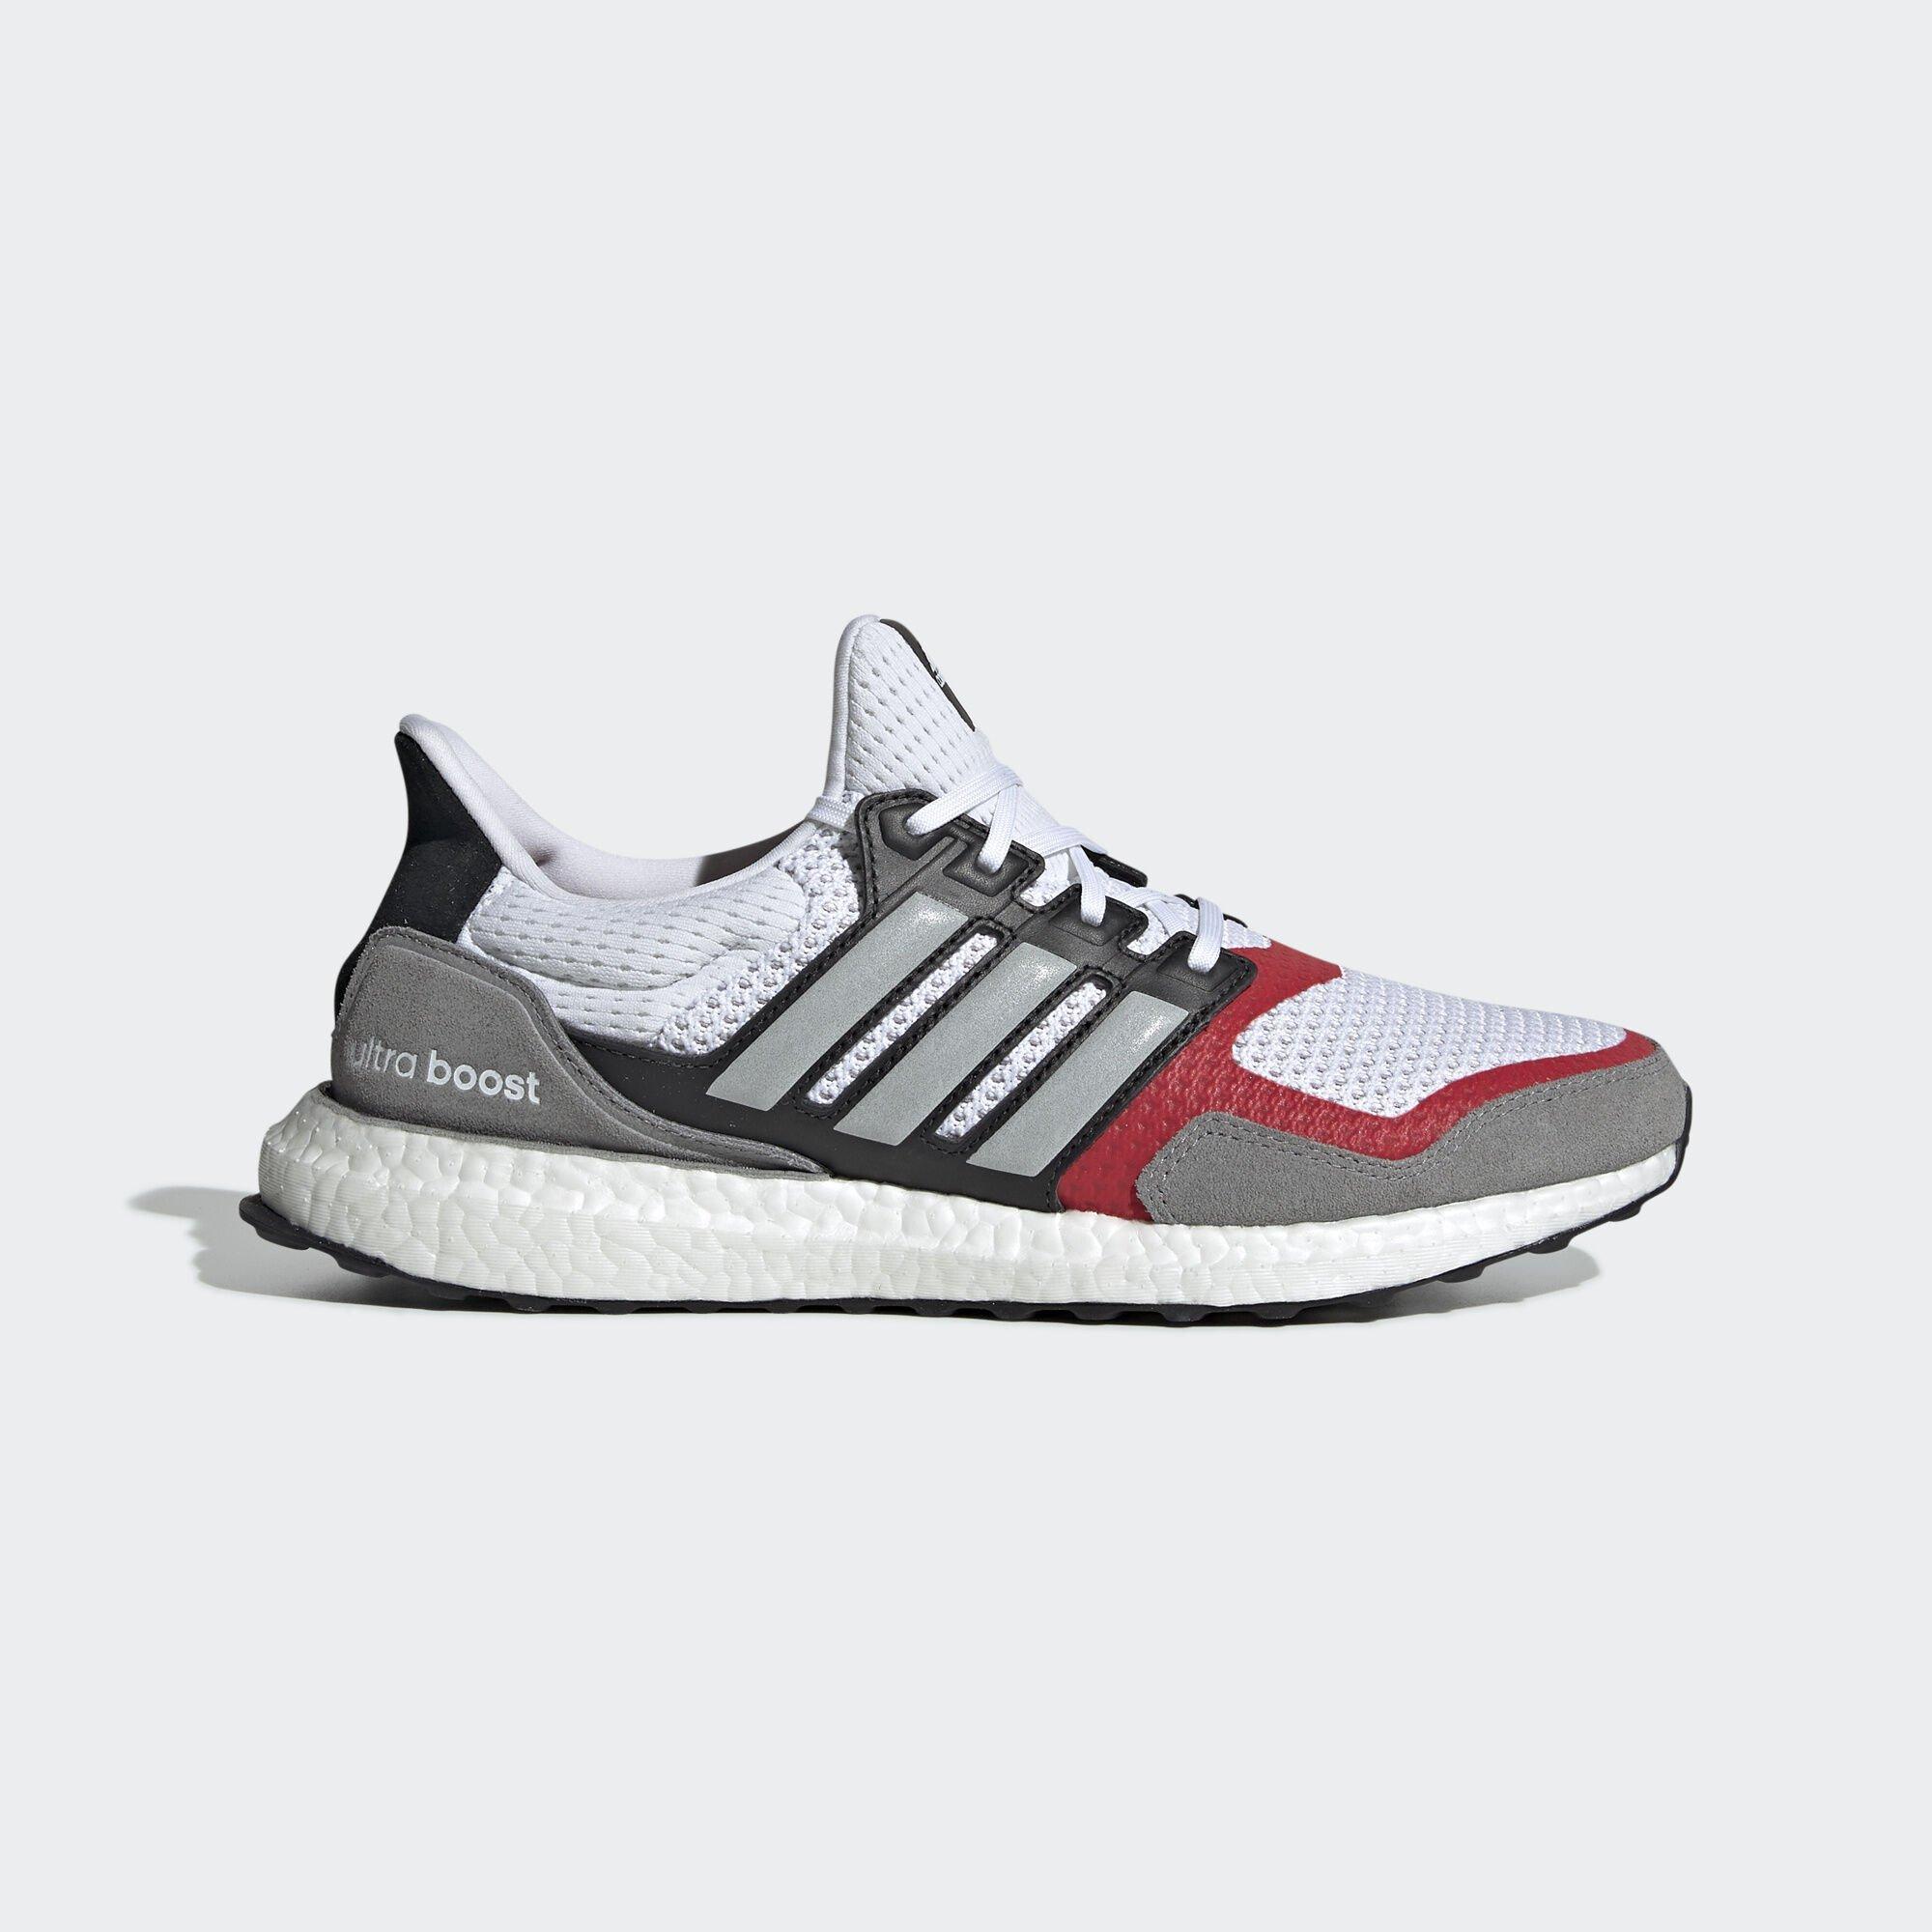 adidas Ultra Boost SL White Grey Scarlet (EF2027)